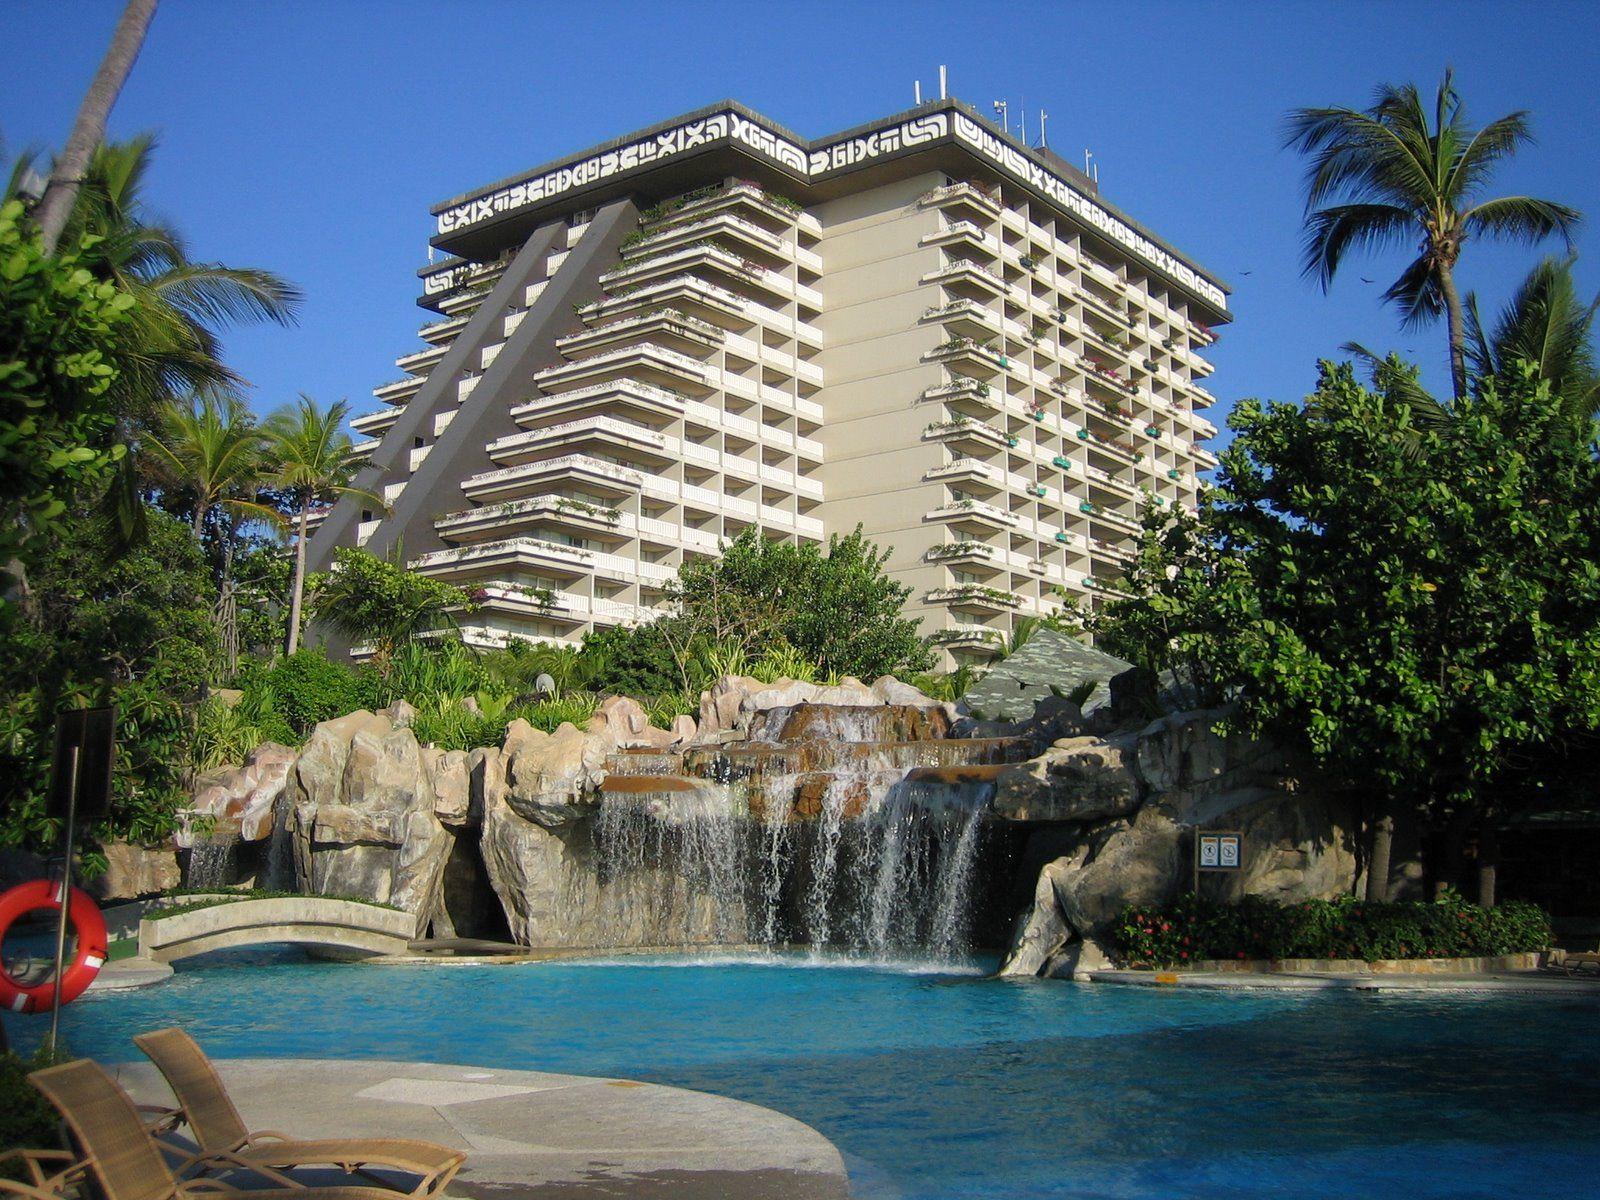 The Acapulco Princess Hotel Mexico